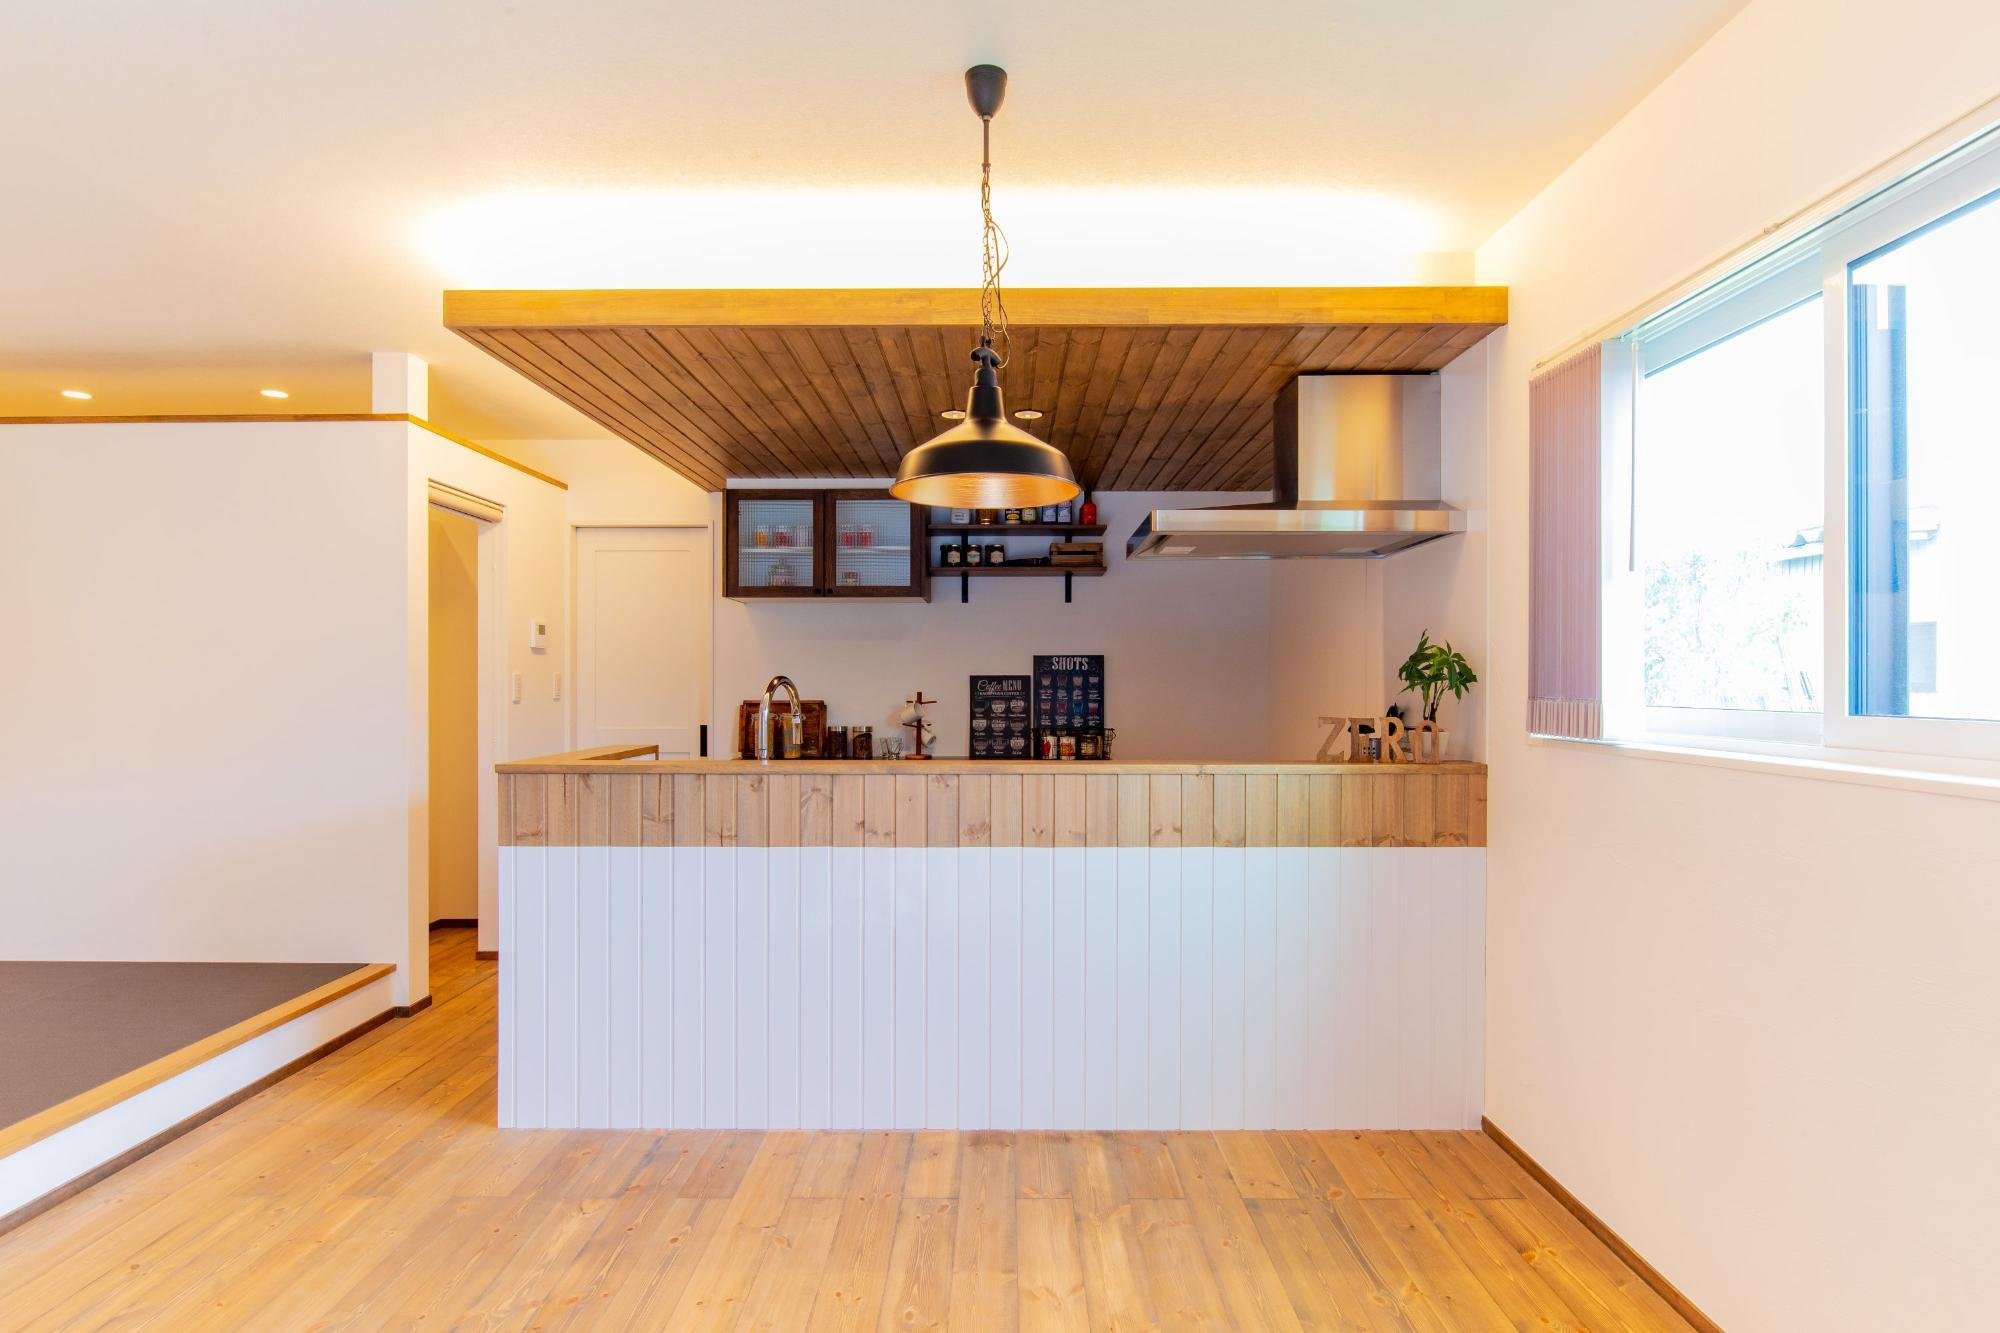 株式会社ゼロスタイル「小上がり×書斎×アンティークブラウン」のヴィンテージなキッチンの実例写真